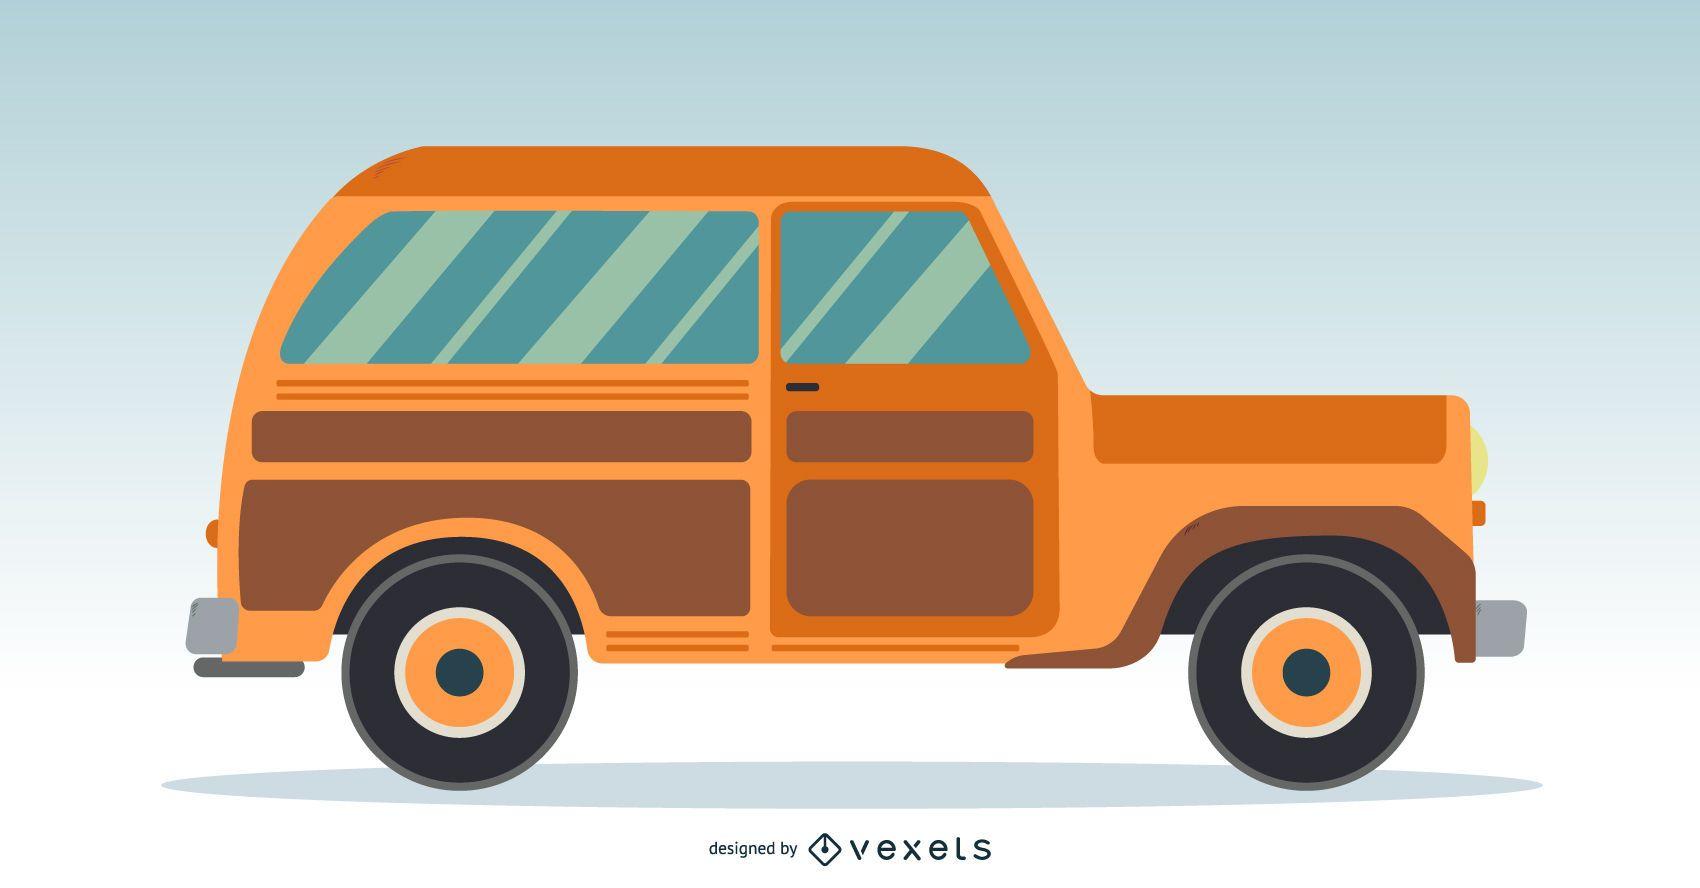 Orange classic car illustration